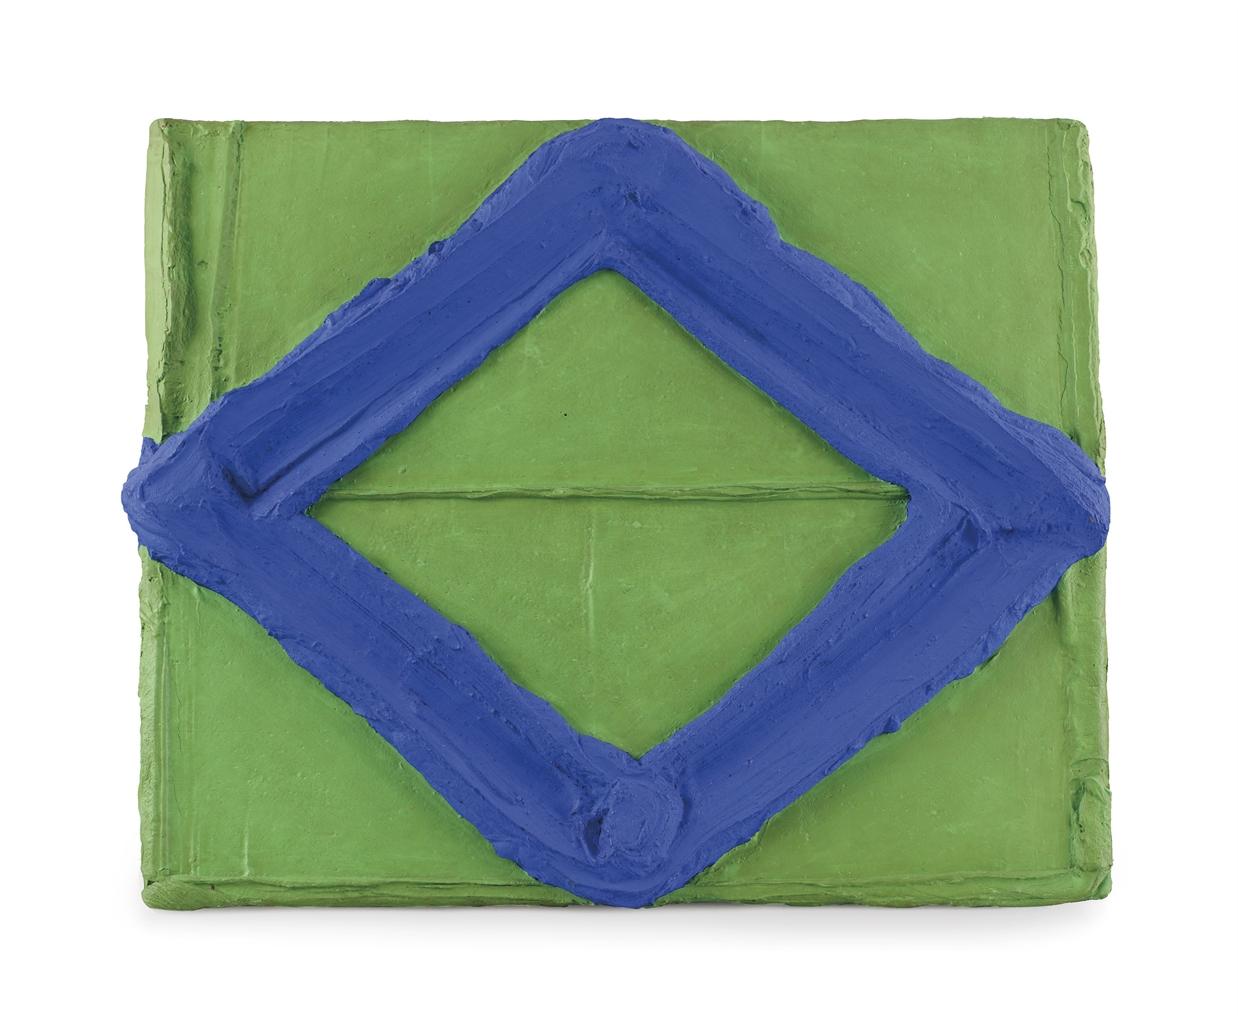 Bram Bogart-Blauwgang-Groen (Blue Passage-Green)-1968